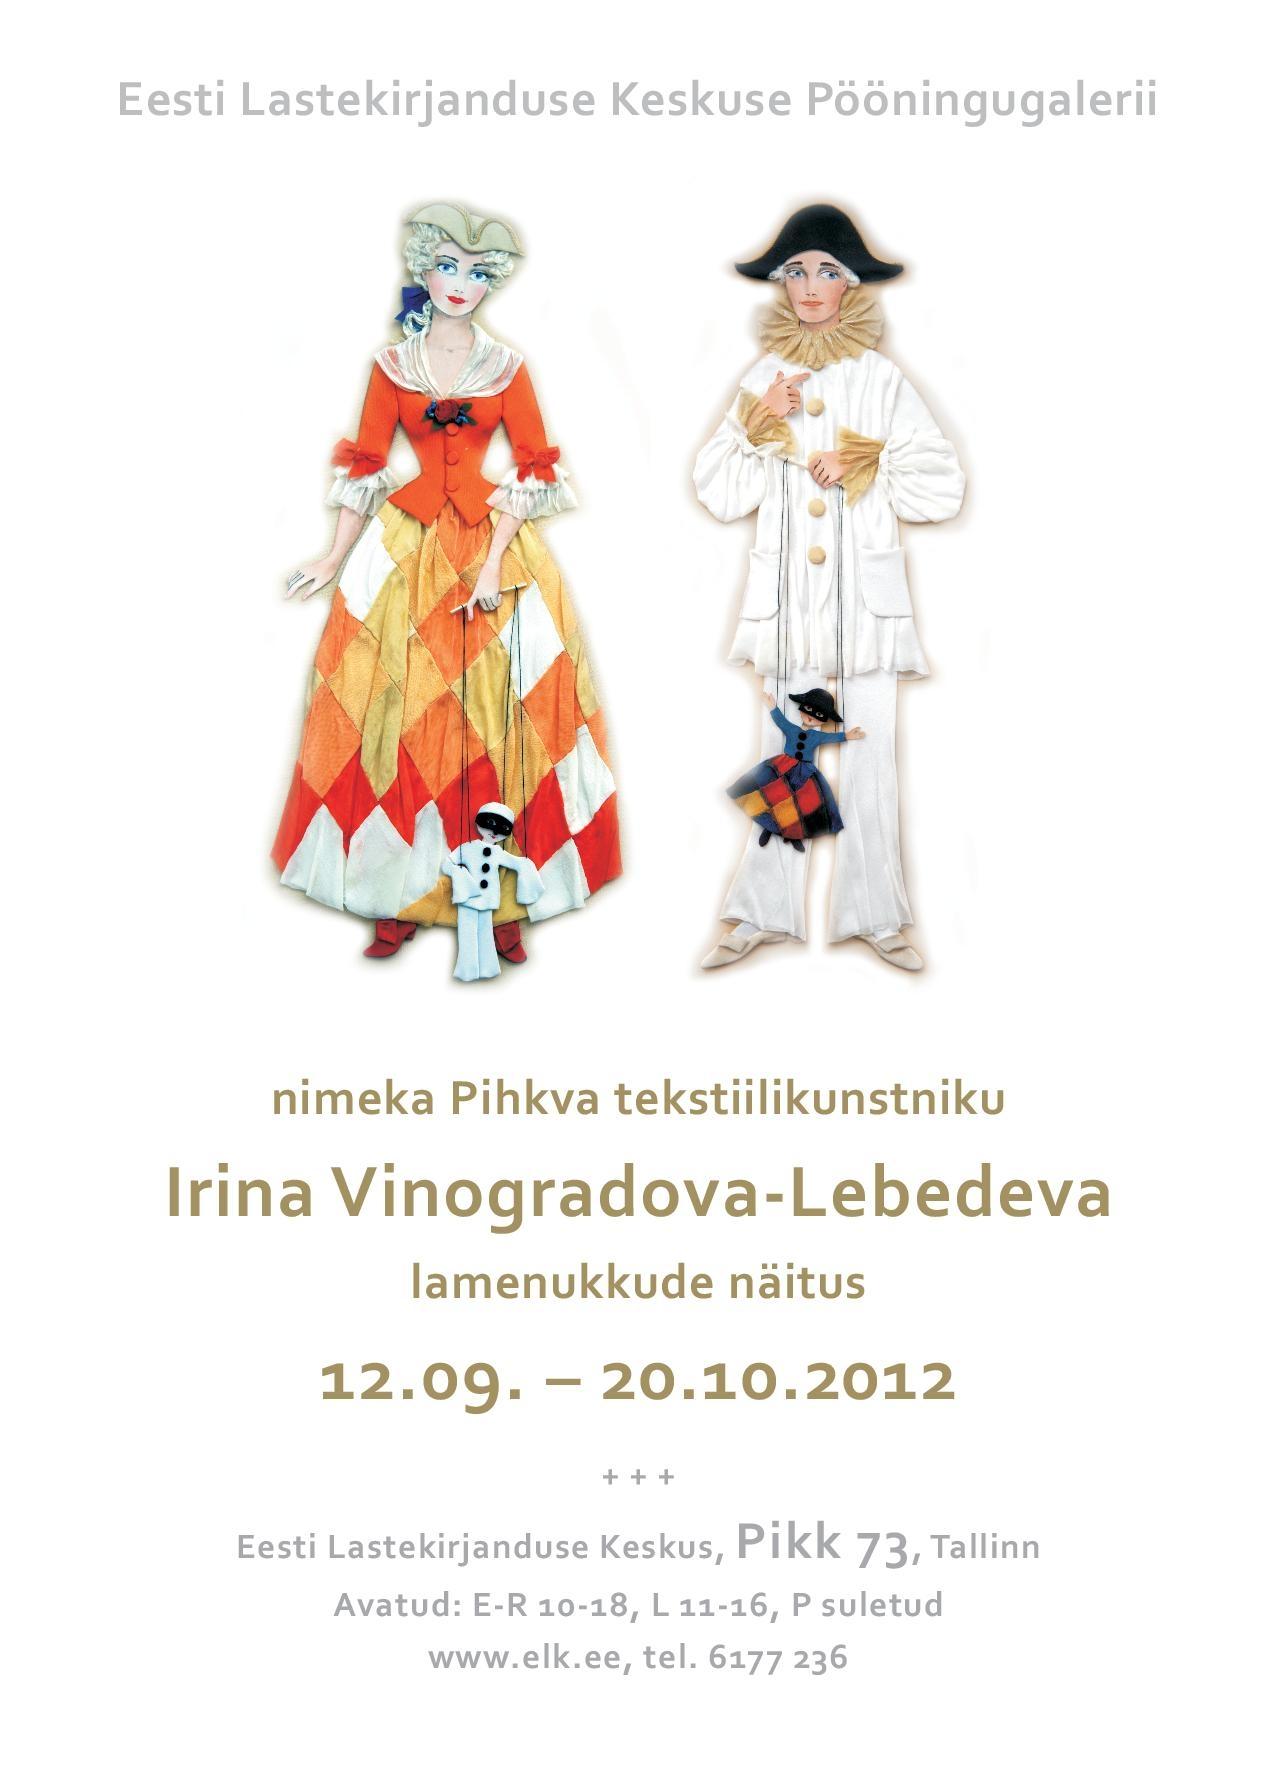 Vinogradova Lebedeva näituse plakat